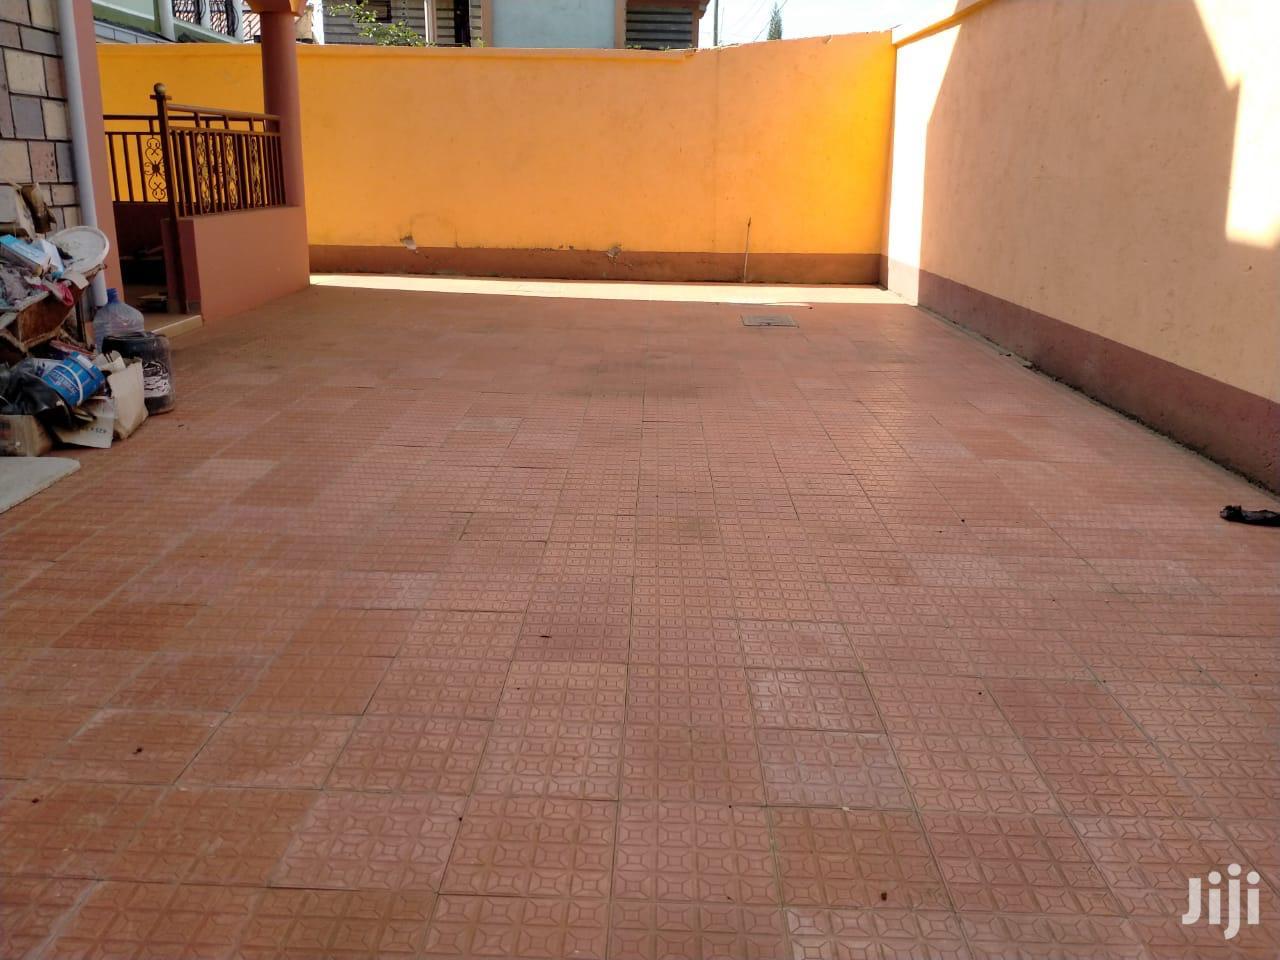 4 Bedroom Maisonette in Ruiru Membley Estate for Sale   Houses & Apartments For Sale for sale in Ruiru, Kiambu, Kenya